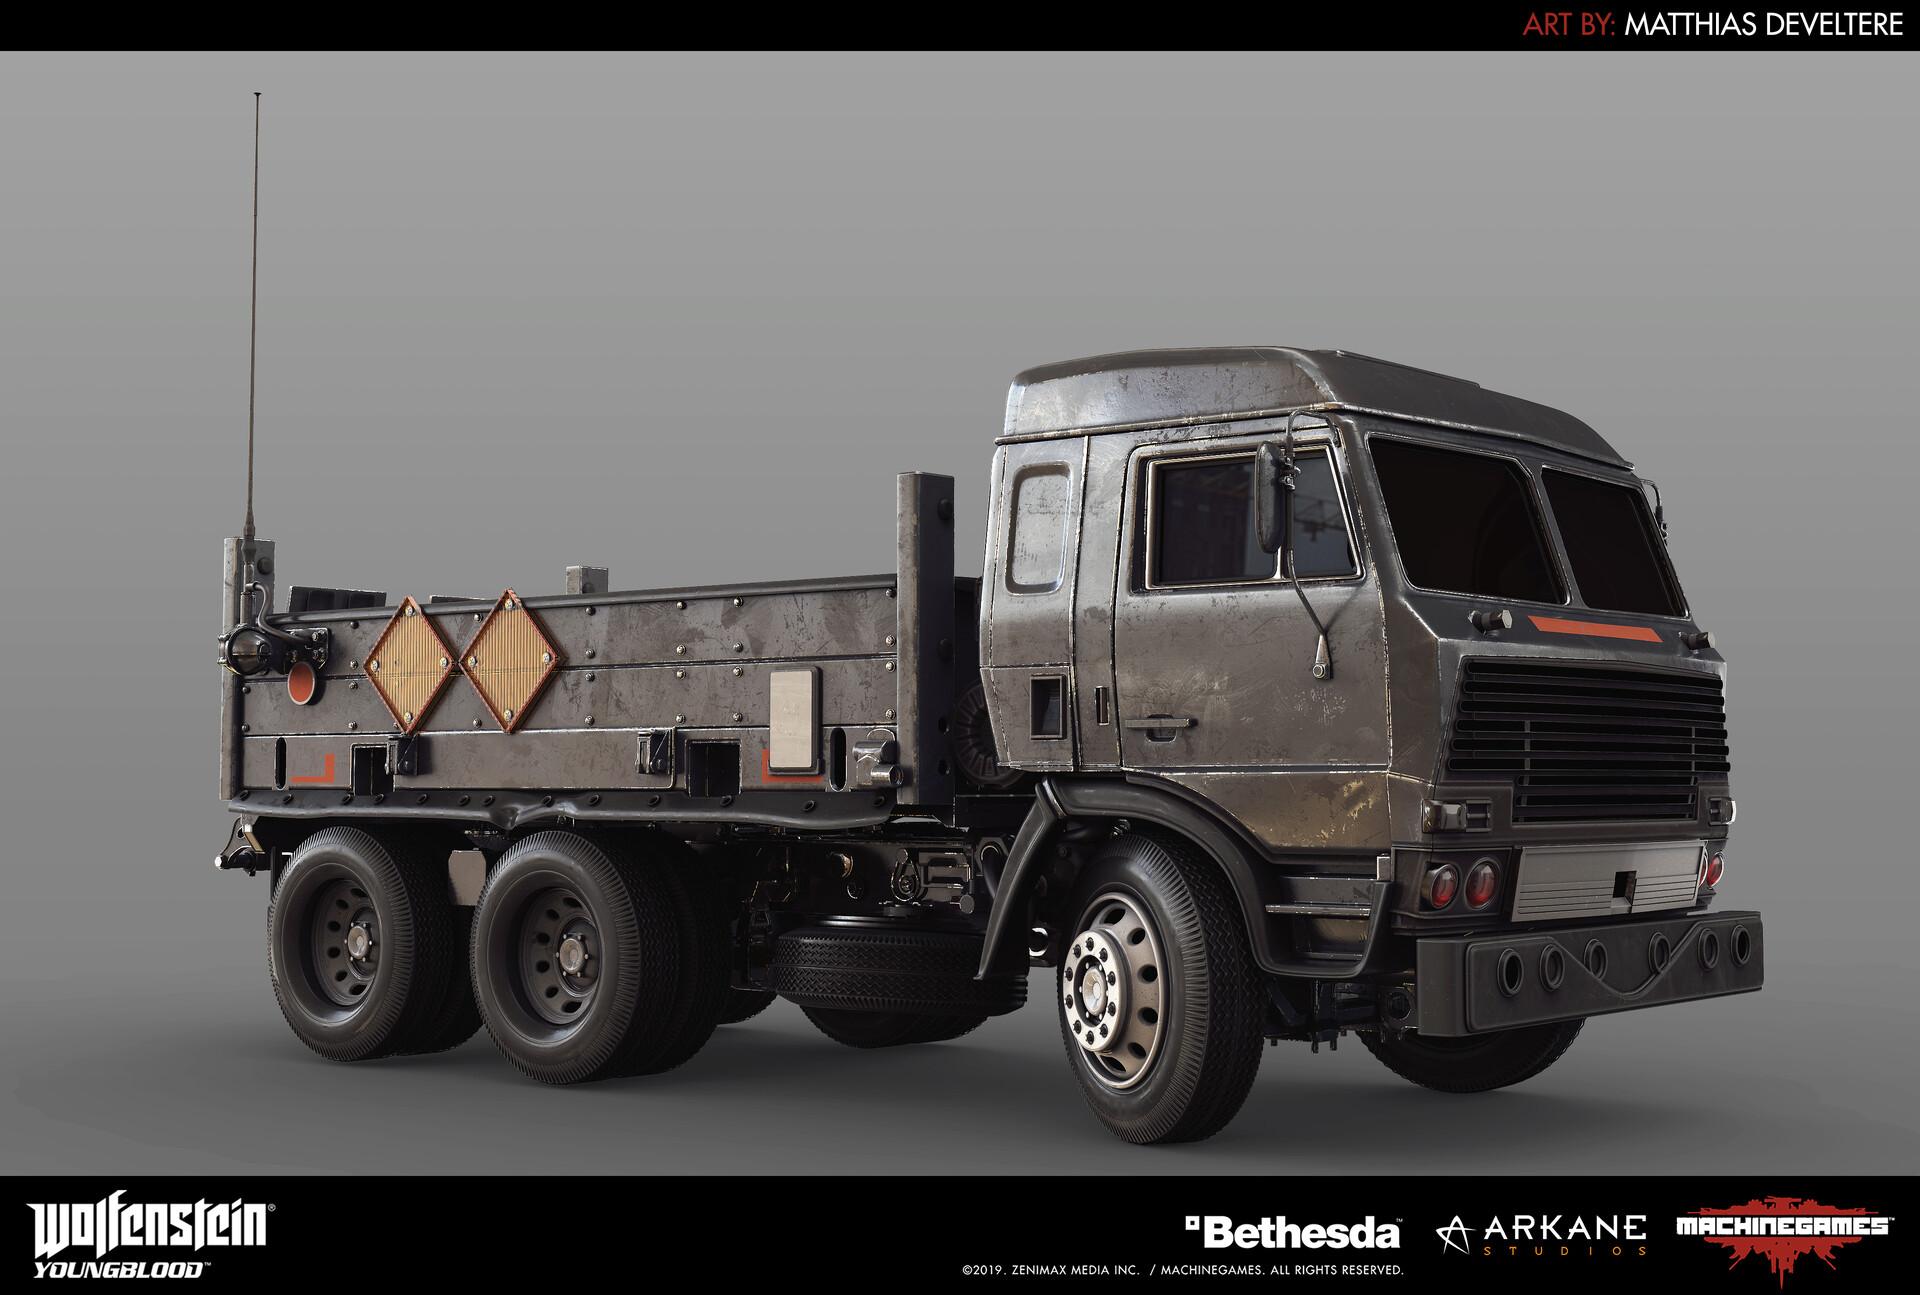 Matthias develtere truck 1